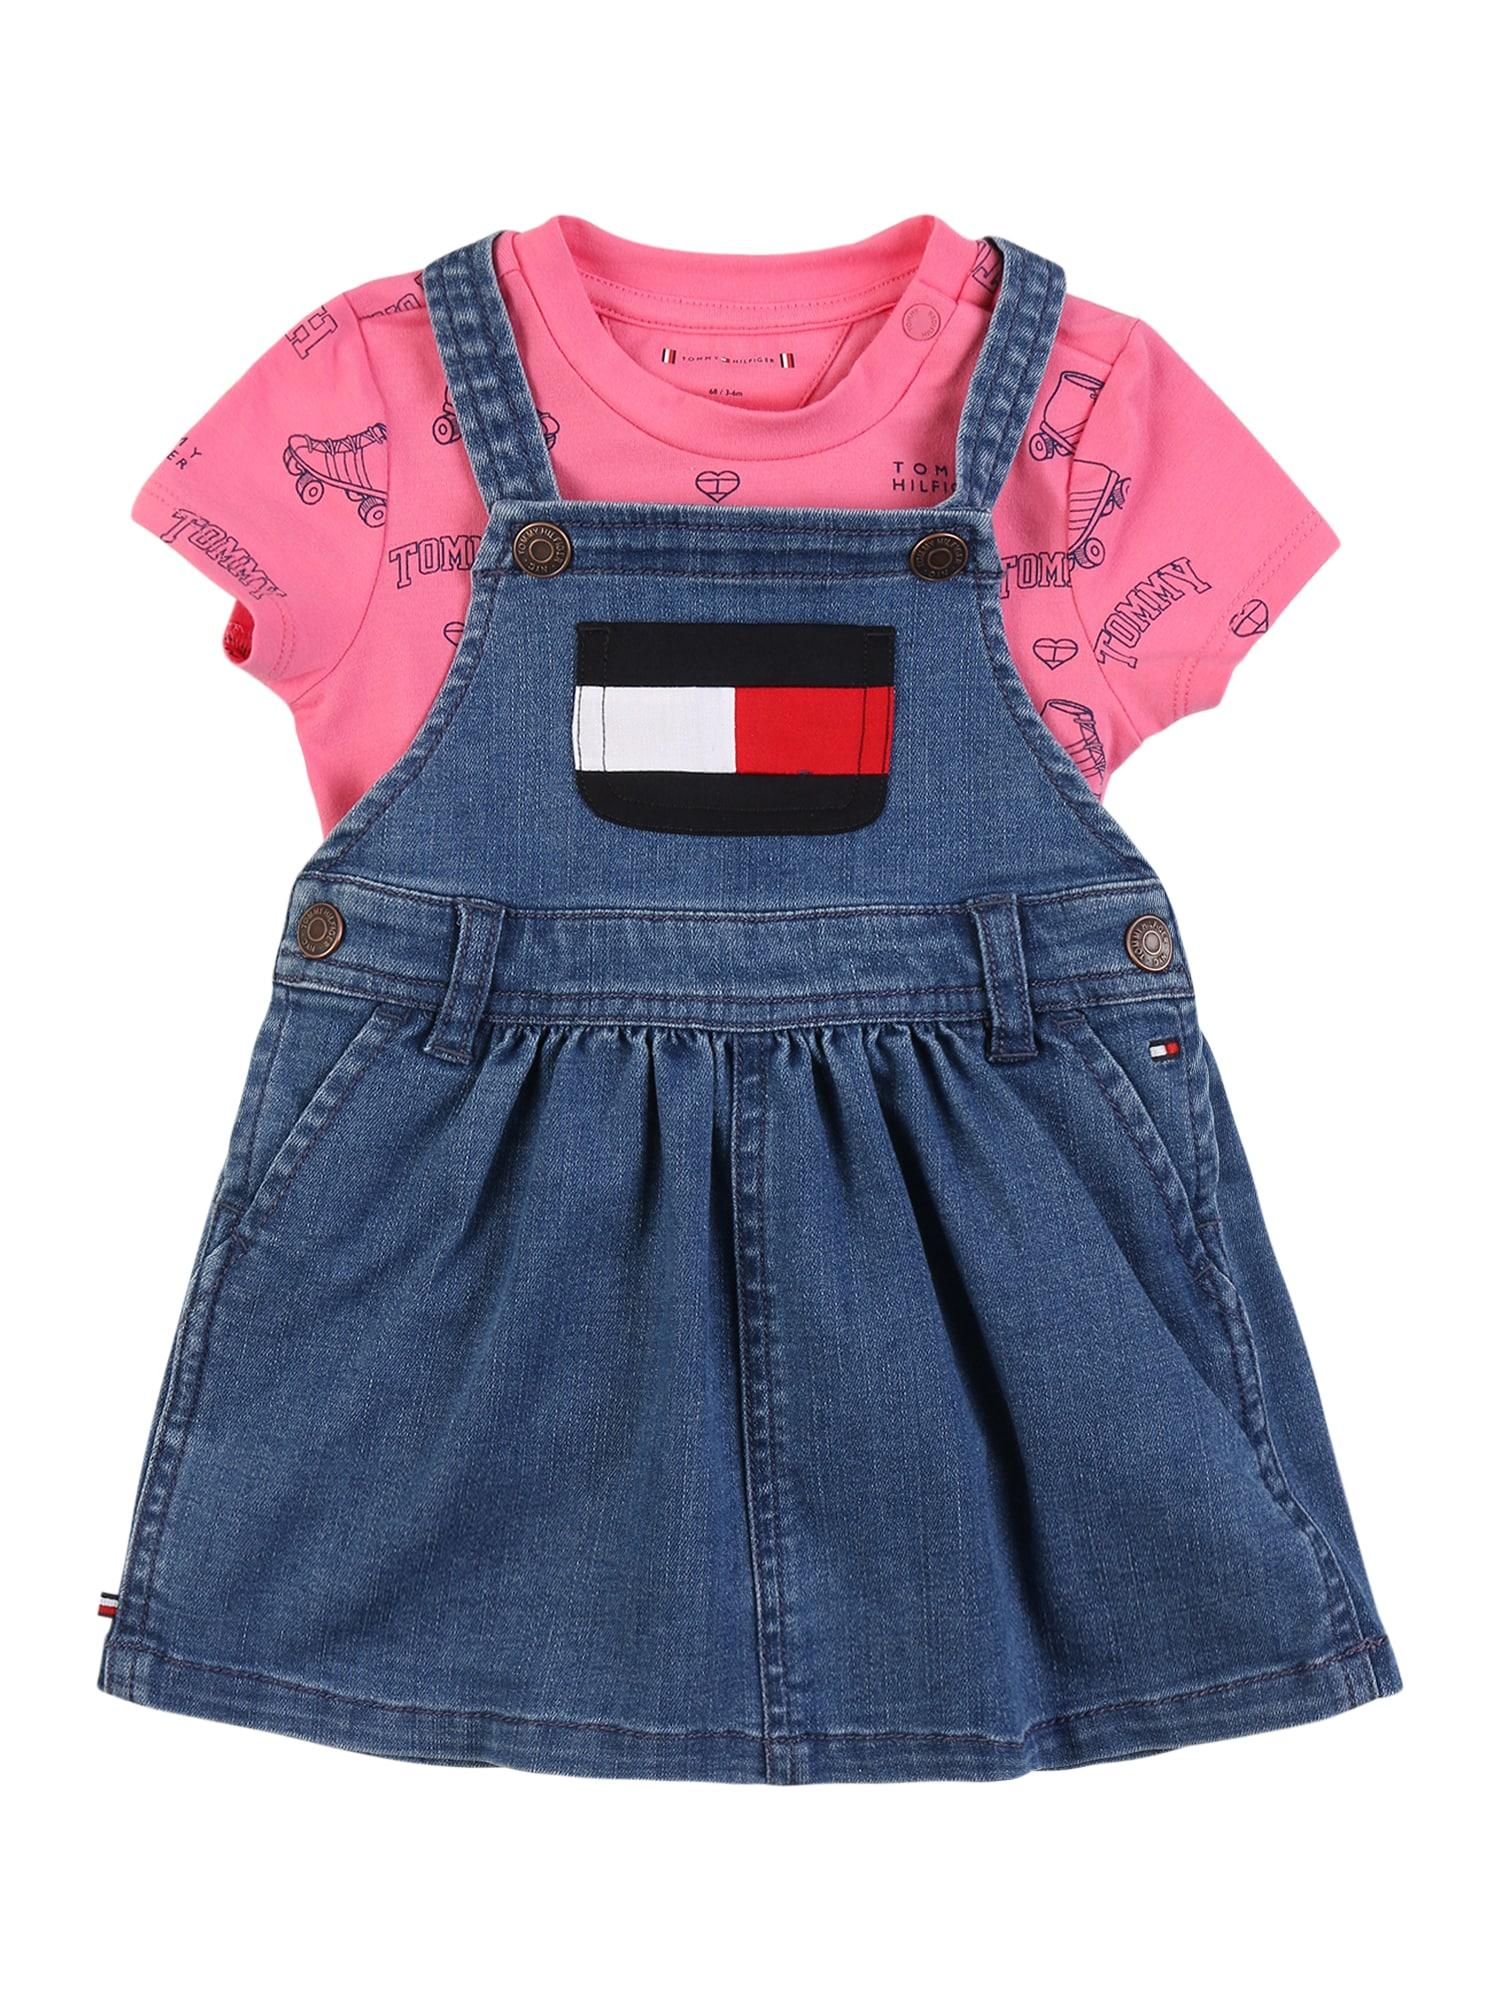 TOMMY HILFIGER Rinkinys tamsiai (džinso) mėlyna / rožinė / tamsiai mėlyna / balta / raudona